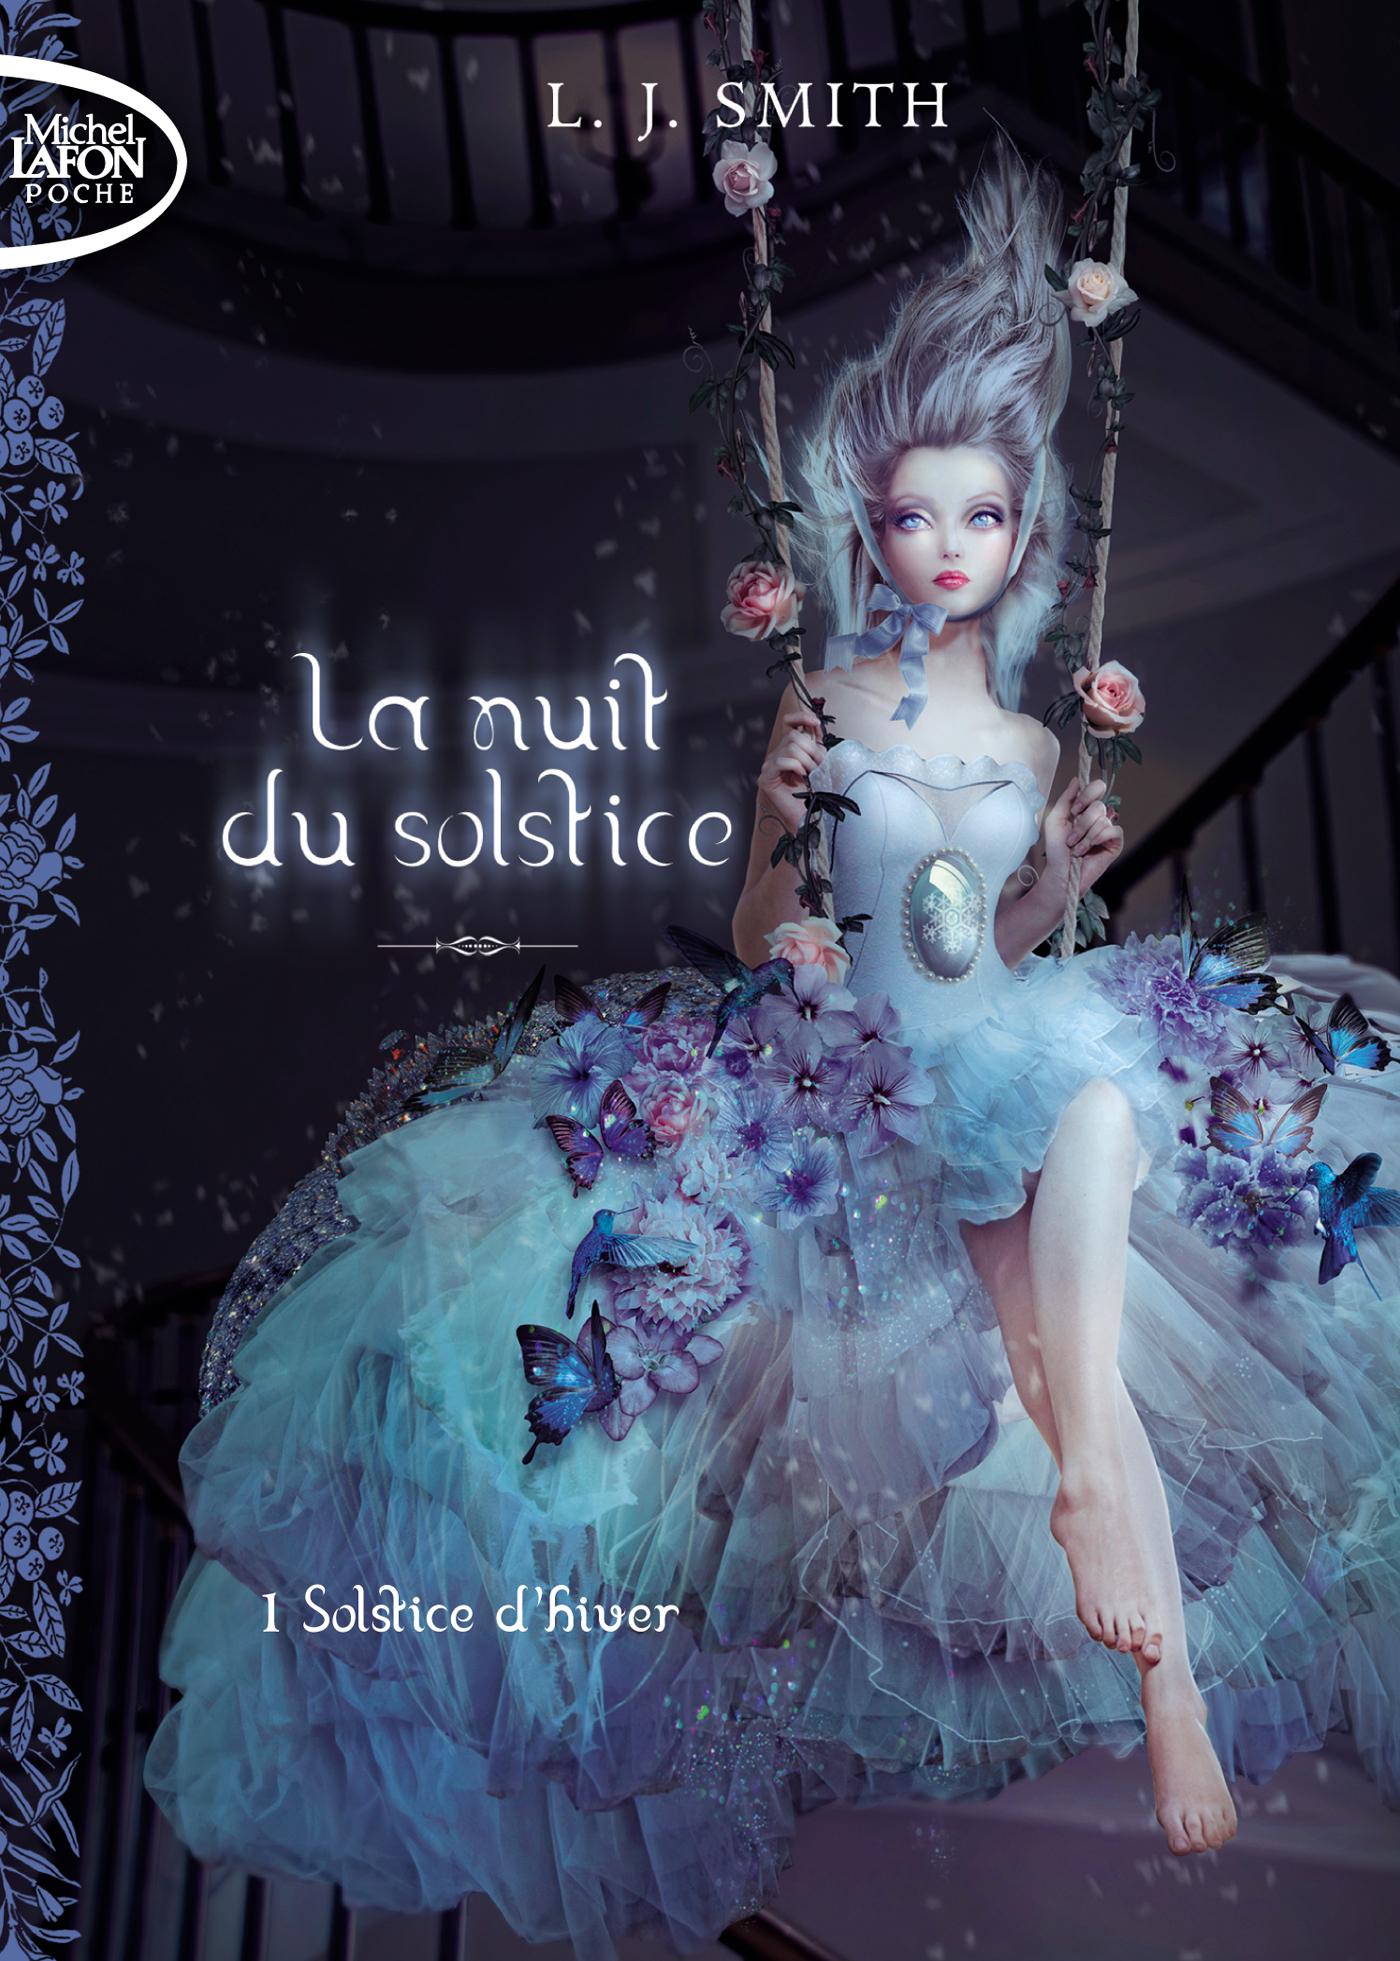 La nuit du Solstice Tome 1 : Solstice d'hiver – POCHE